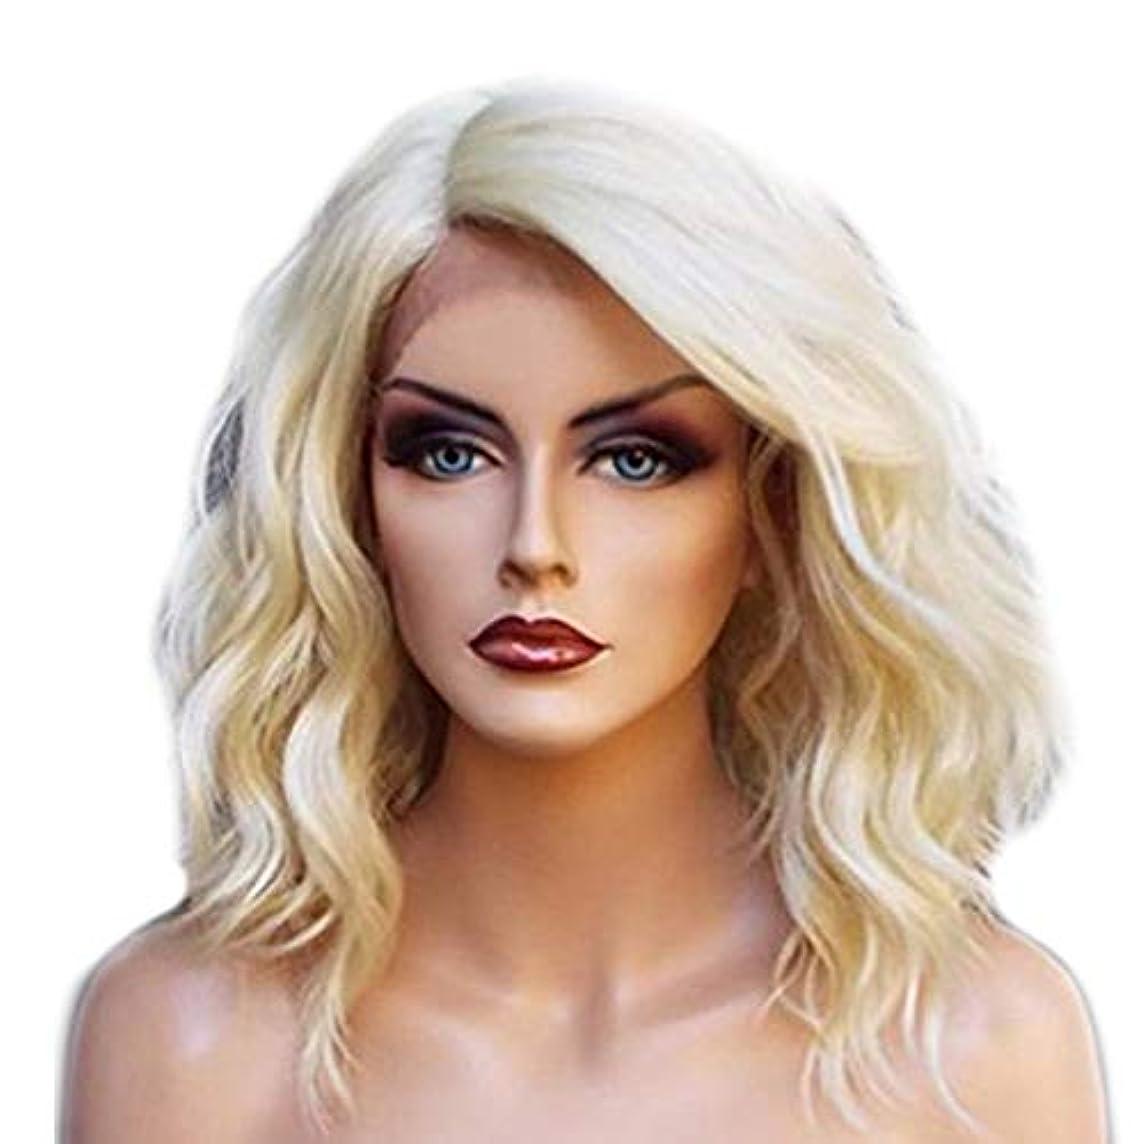 アーティスト予備癌YOUQIU 女子金髪ショートカーリーヘアレースフロントウィッグ自然な合成かつら毎日ウィッグを着用してください (色 : Blonde)